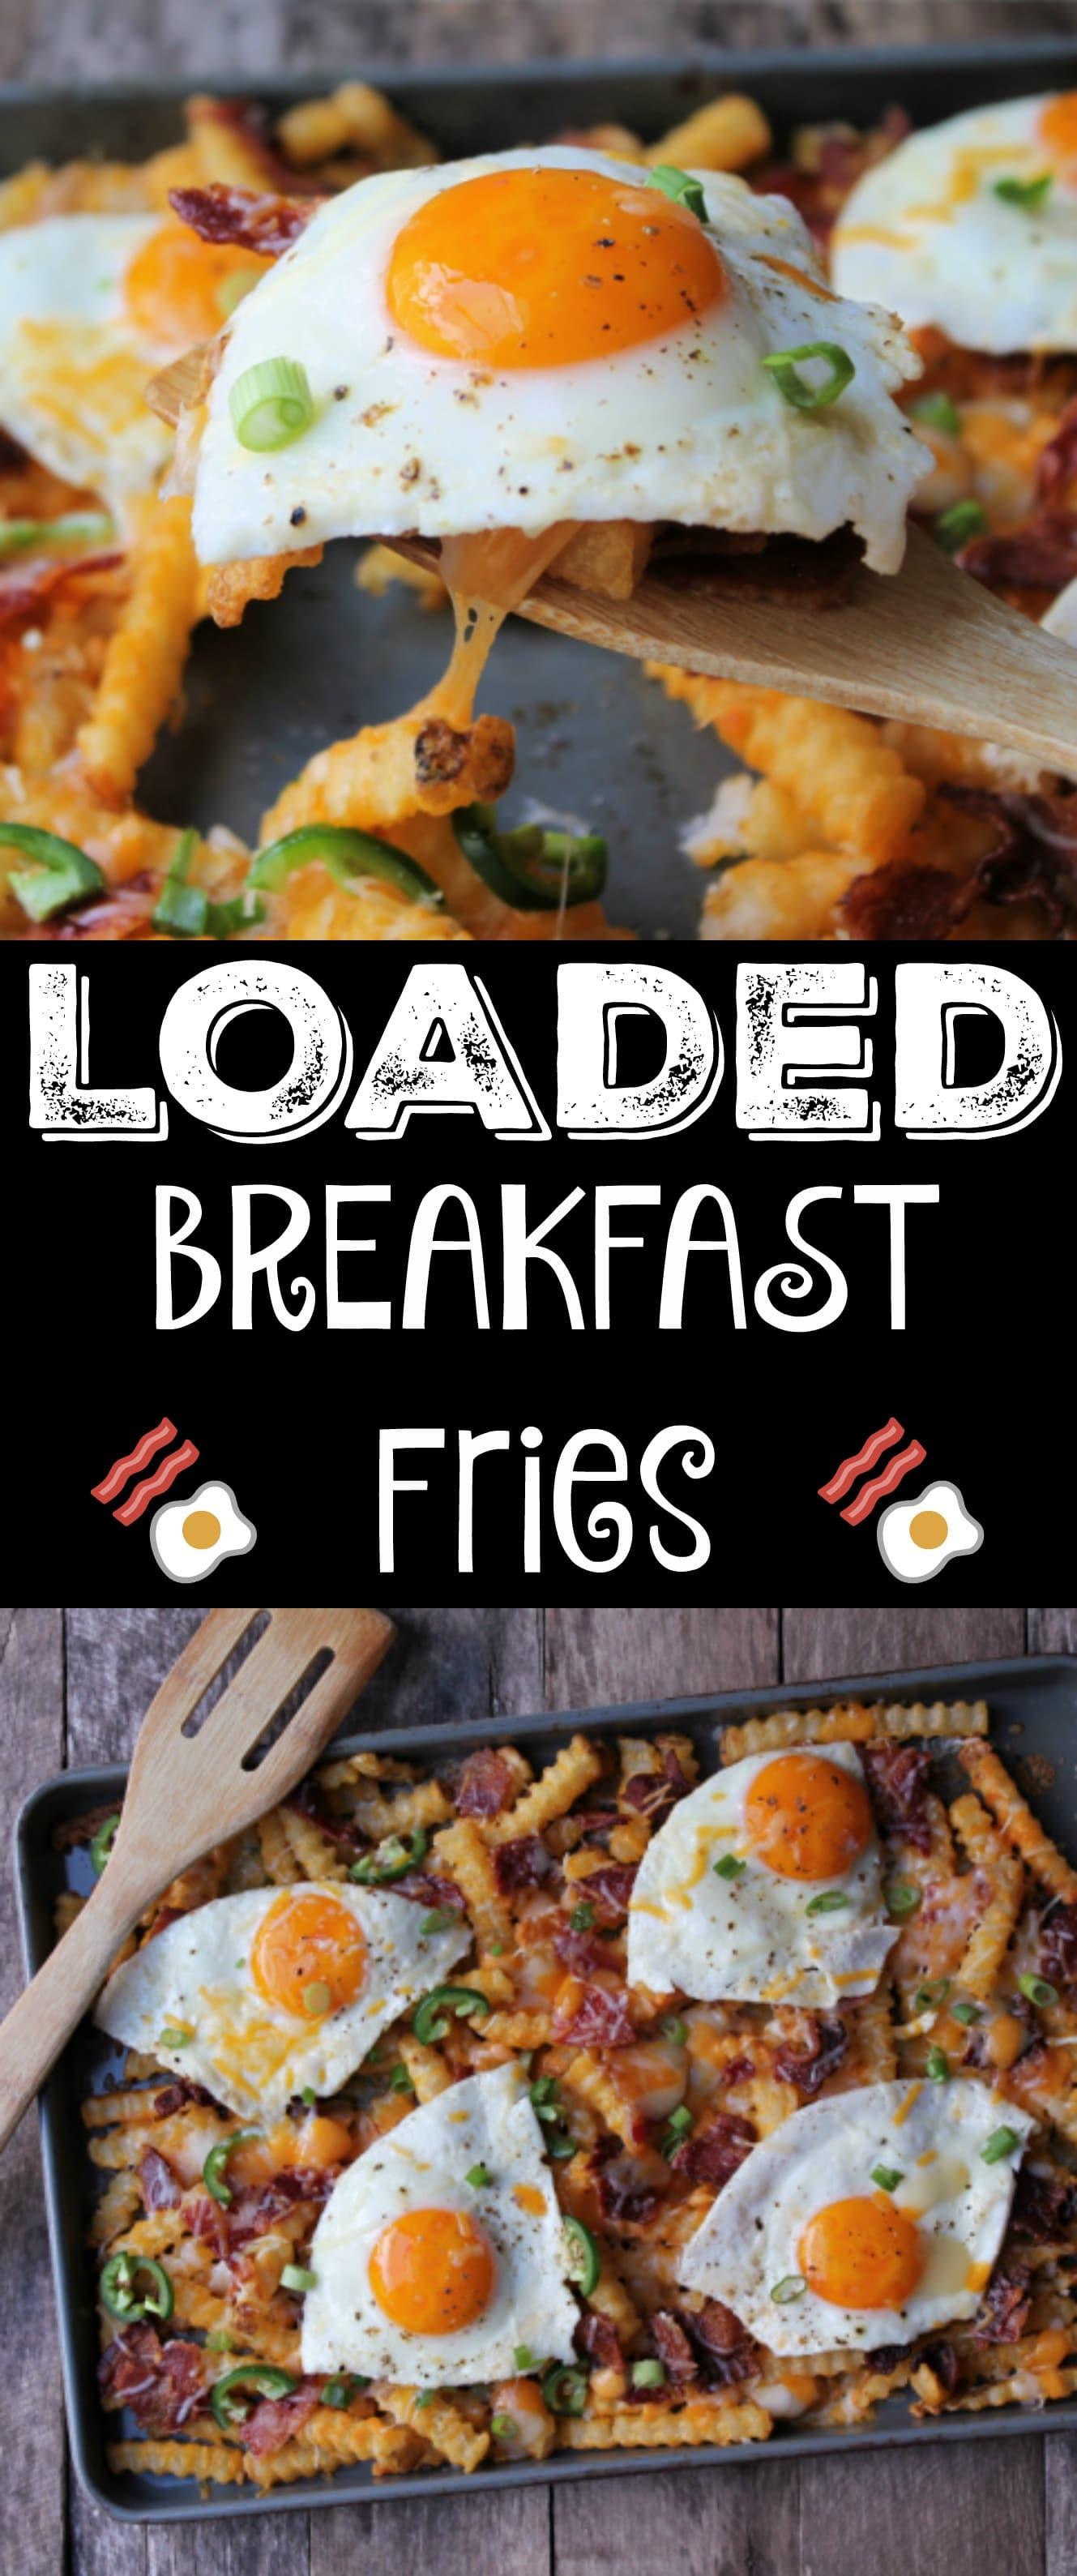 Loaded Breakfast Fries